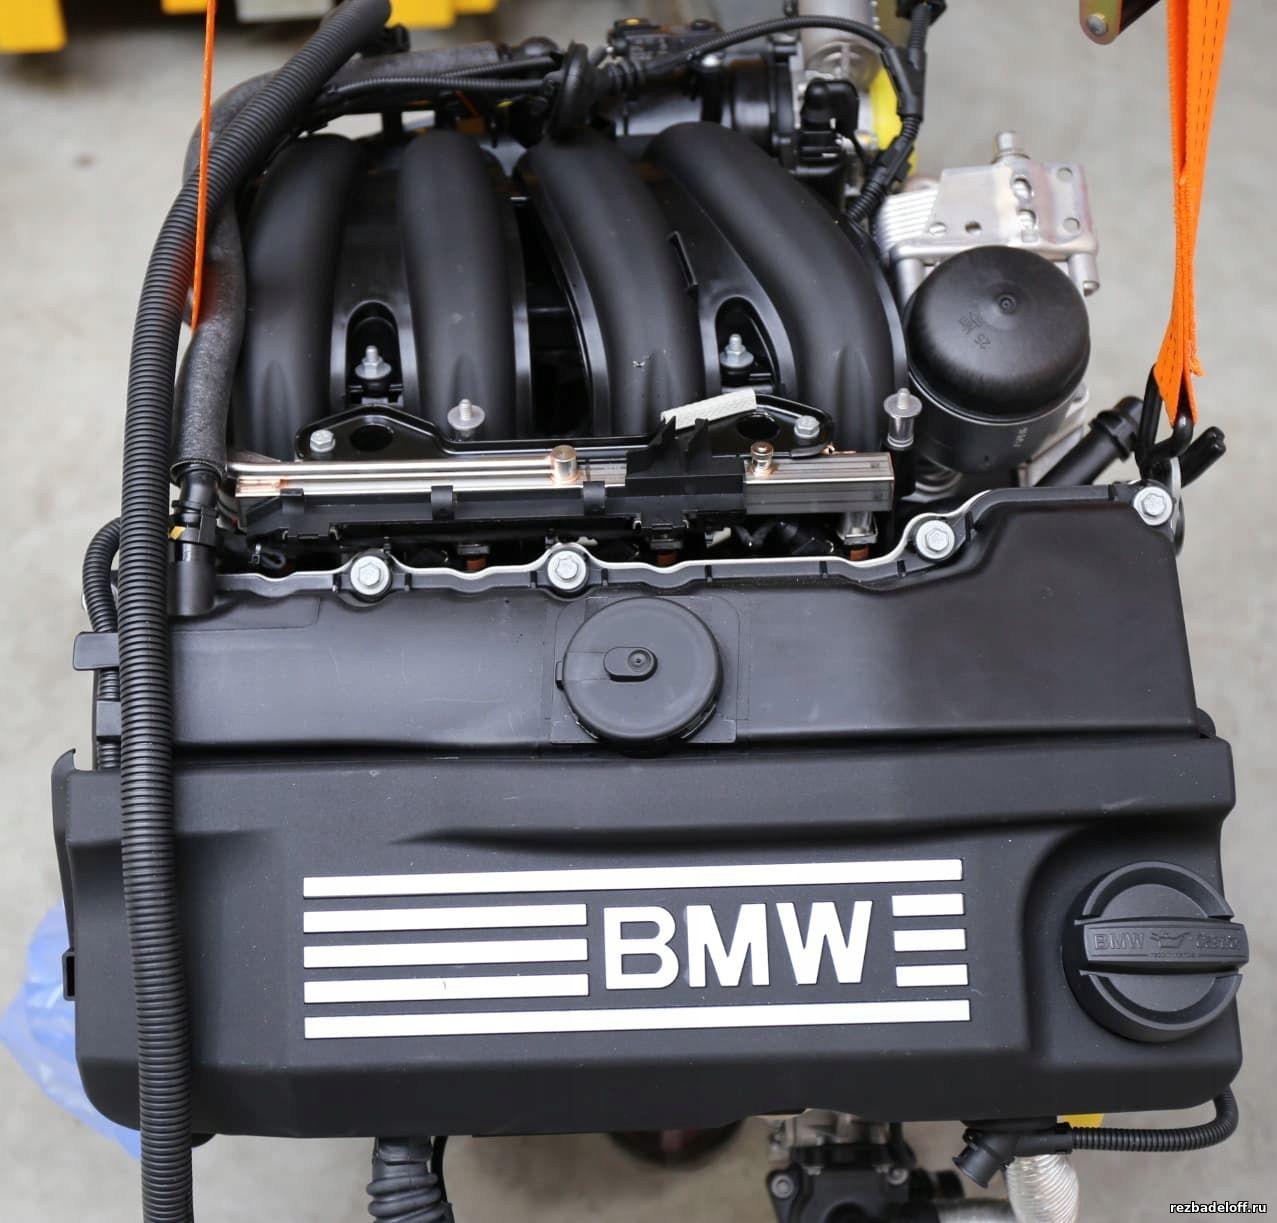 Ремонт резьбы в блоке цилиндров автомобиля бмв с двигателем n46 под родные болты крепления.